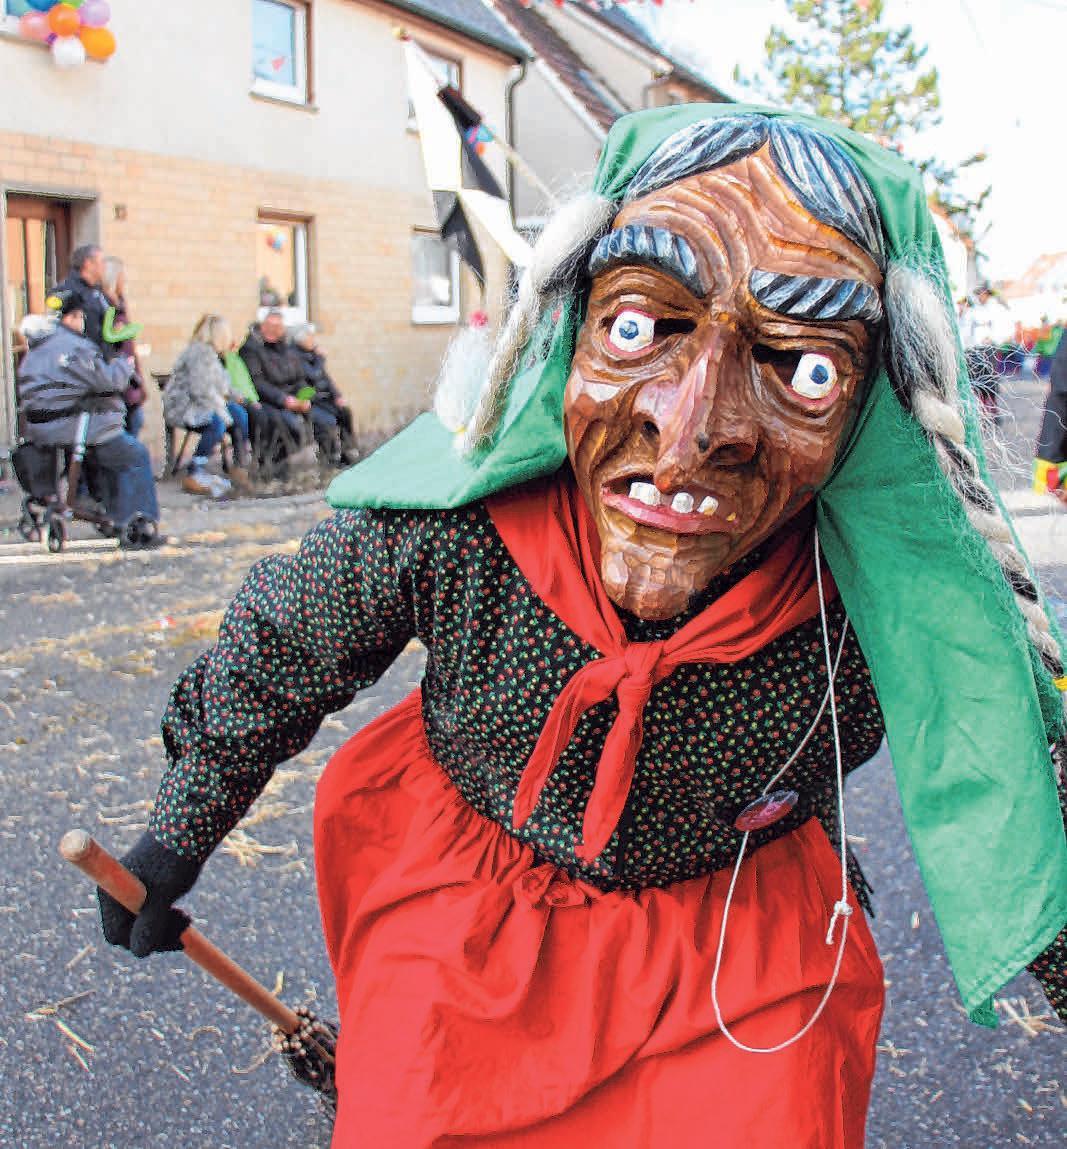 Die Hexen sind die jüngste, gleichzeitg die größte Maskengruppe des Schwarz-Vere-Narrenvereins.